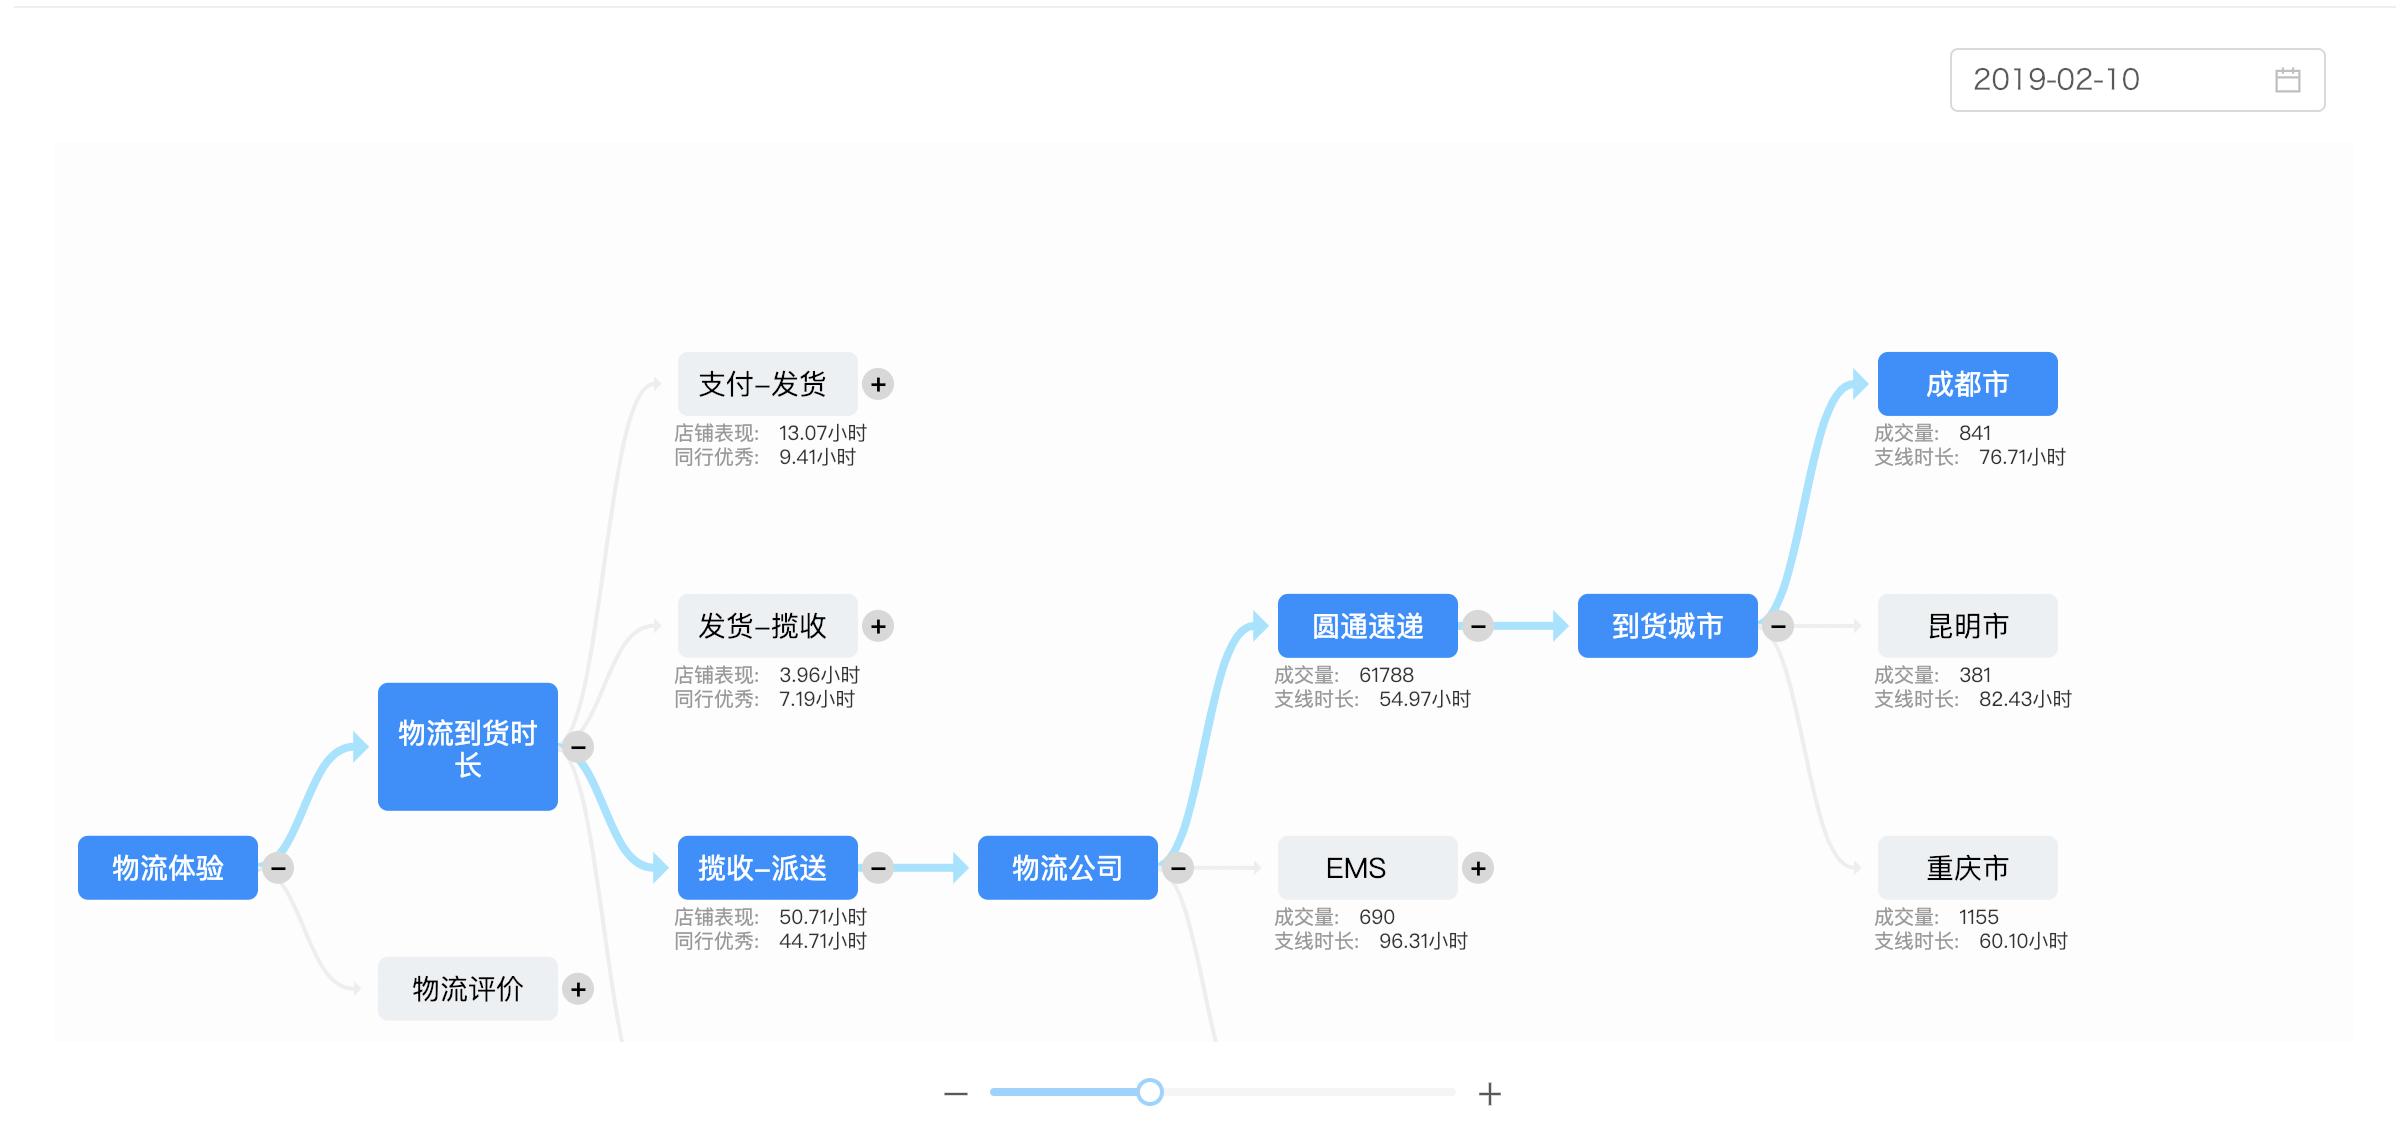 商家分析定位链路